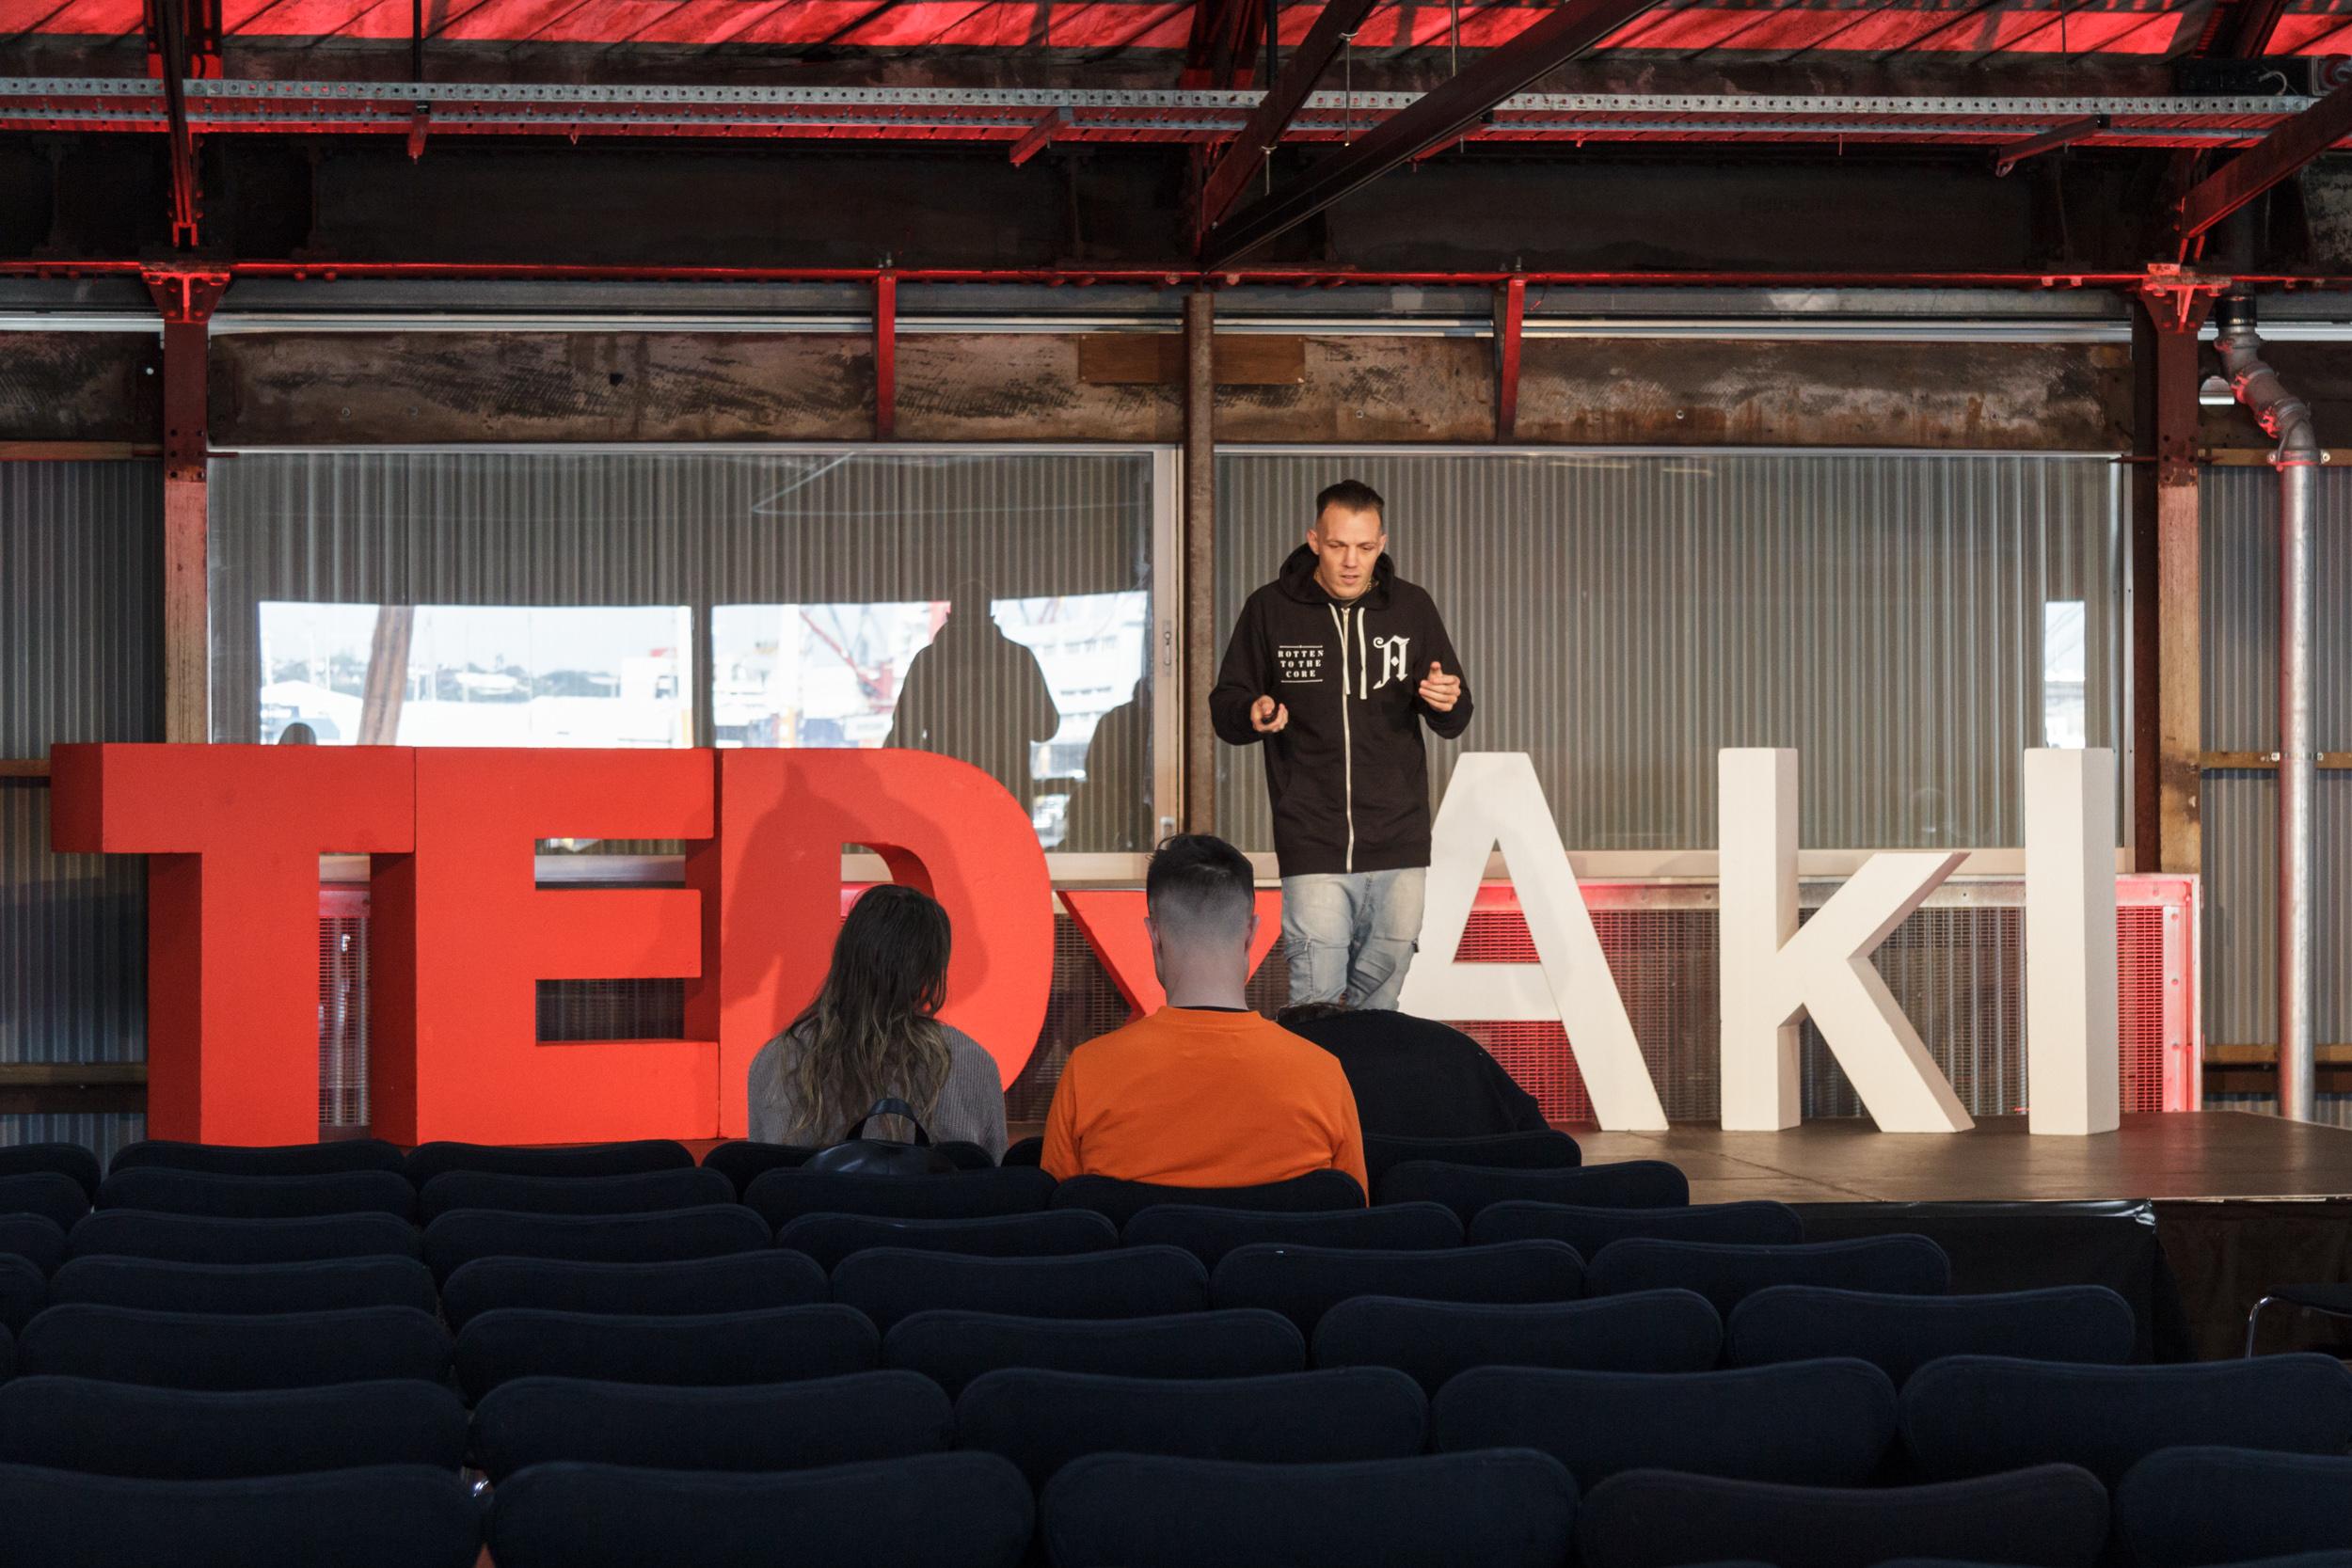 AutumnRainVisual_TedX2018_IMG_6707.jpg